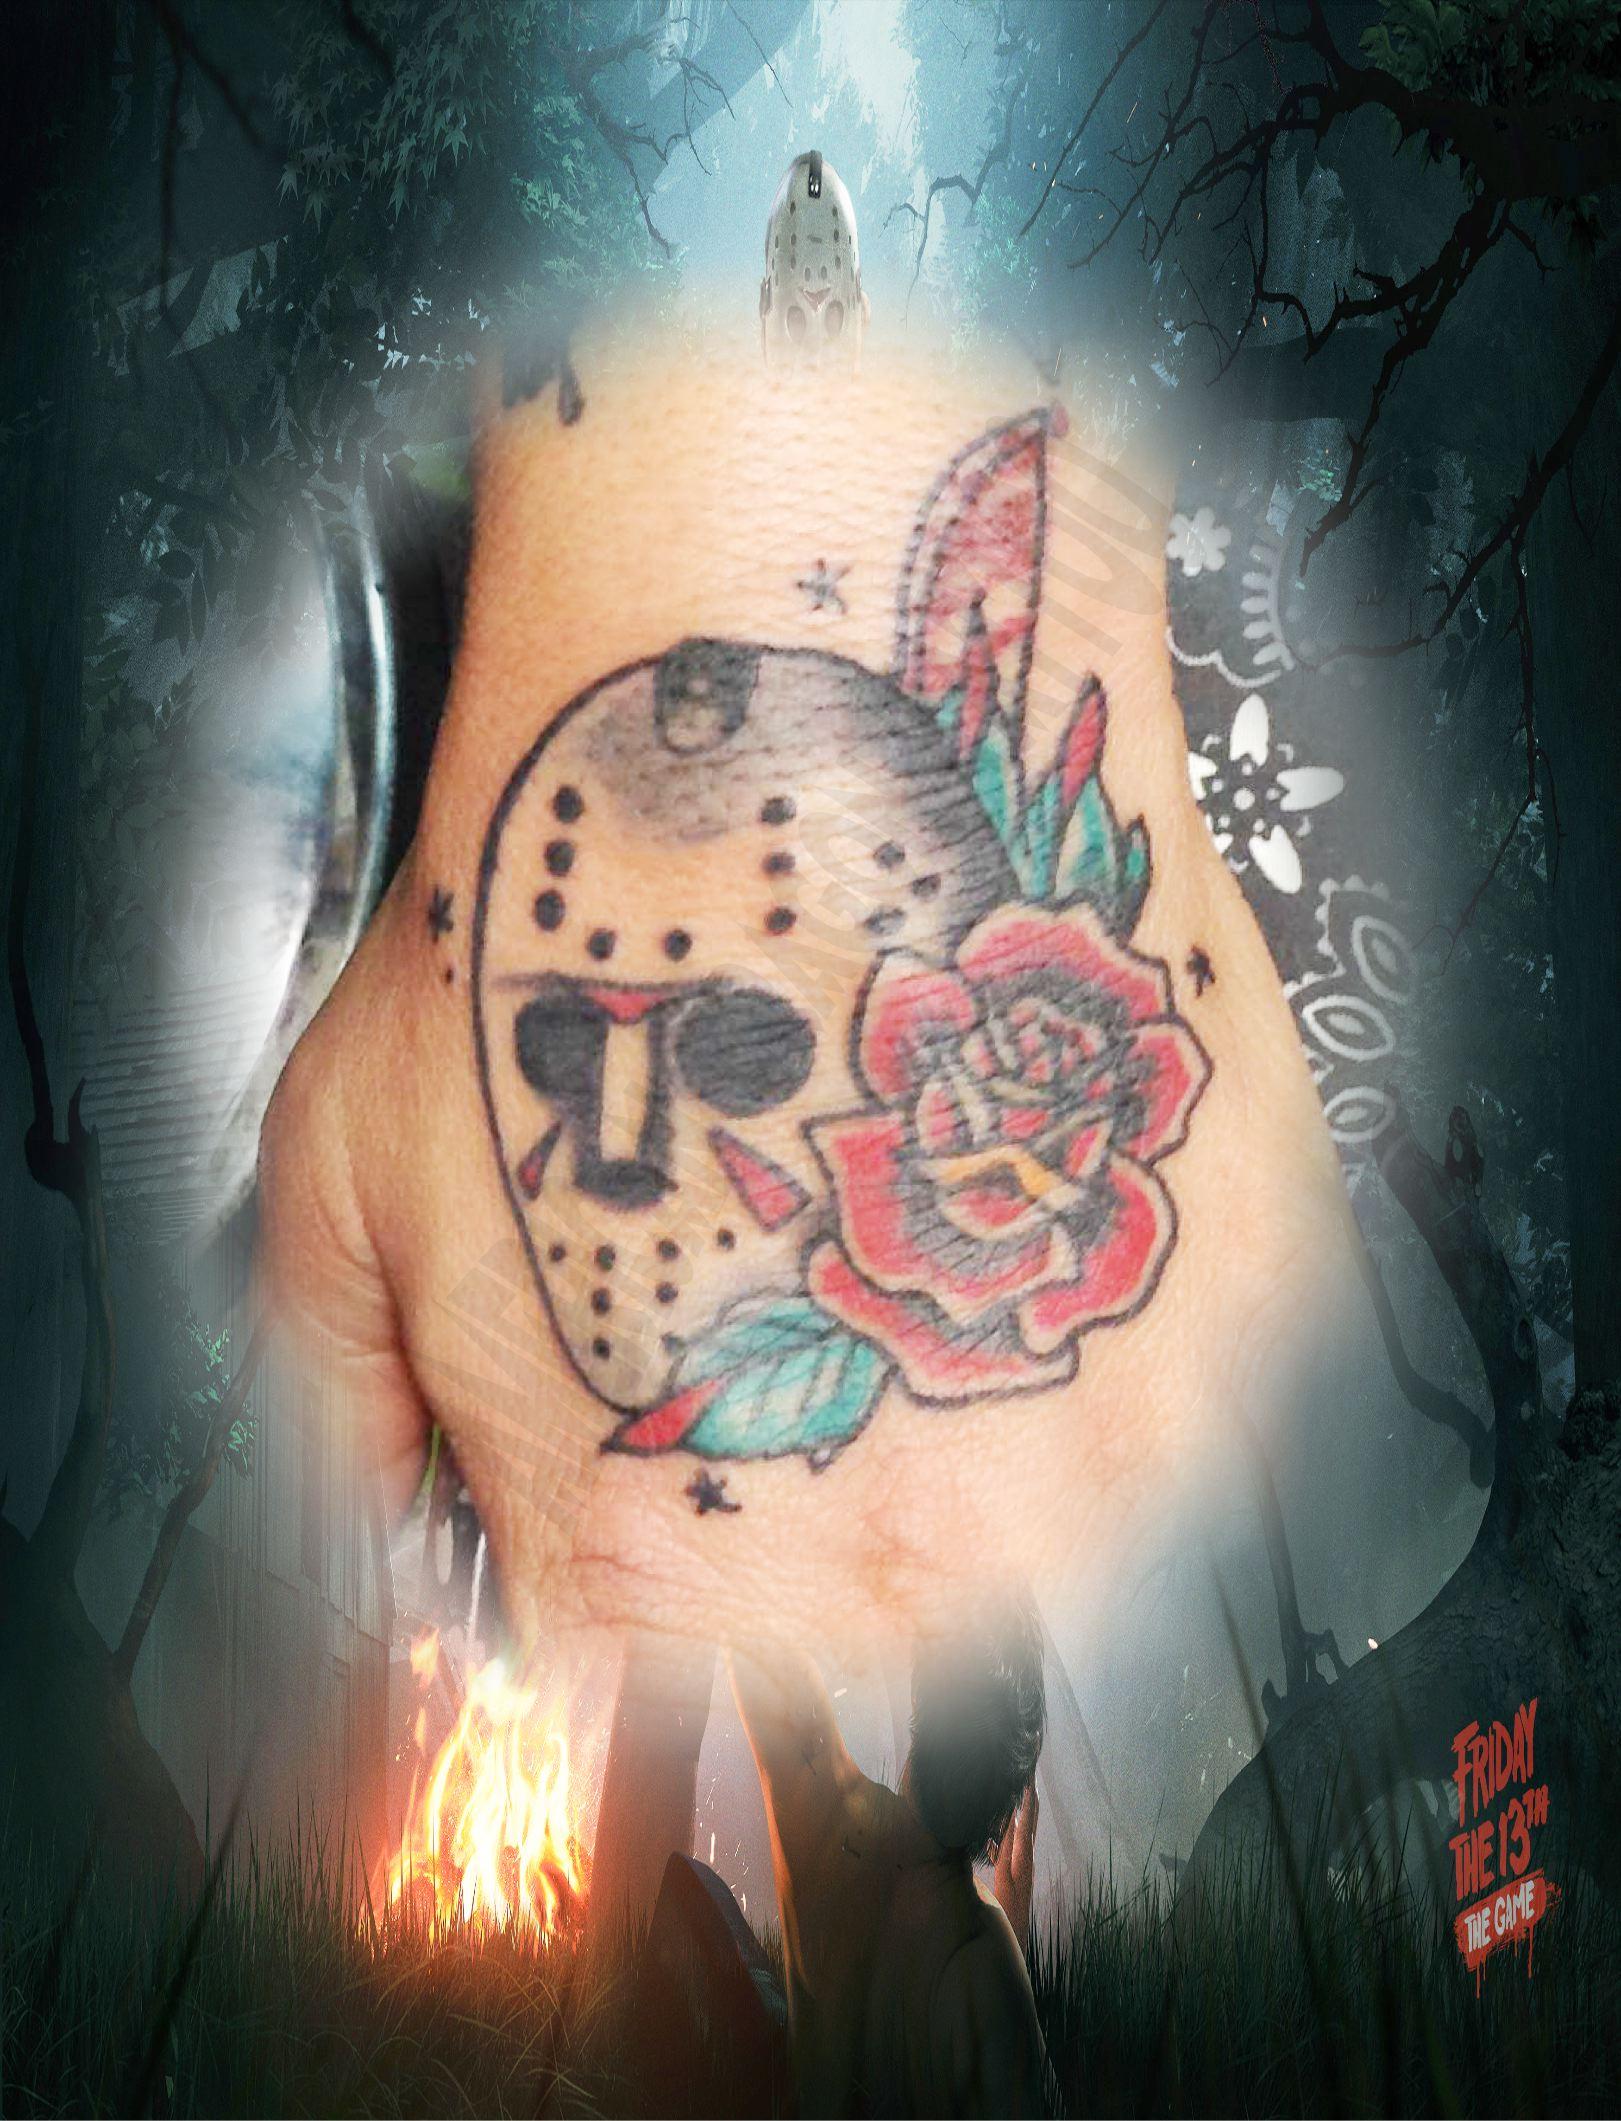 Jason Mask 8x10